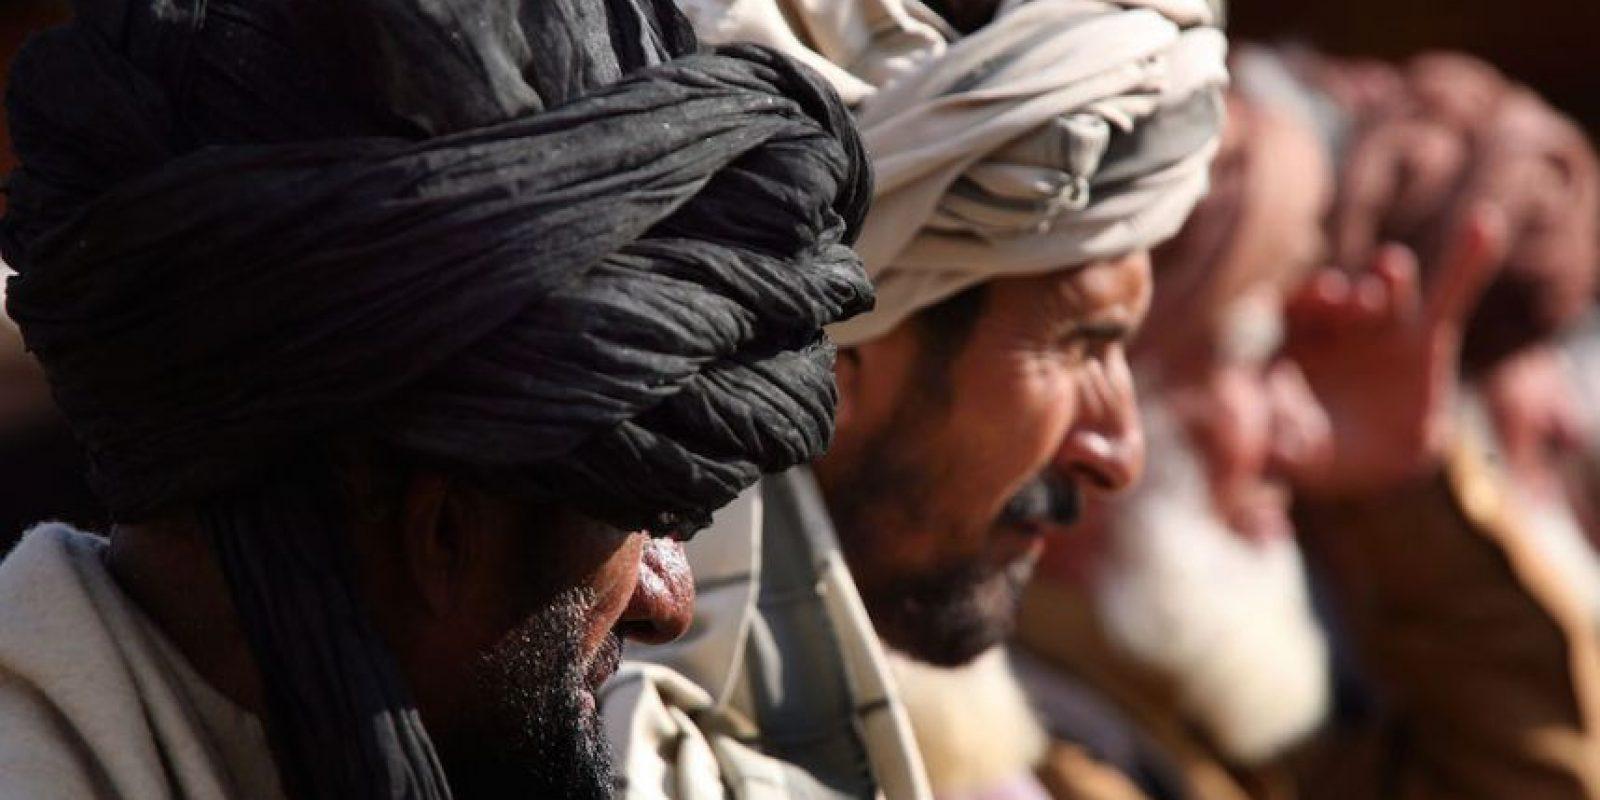 El informe señala que miebros de AlQaeda fueron algunos de los que sufrieron tortura. Foto:Getty Images